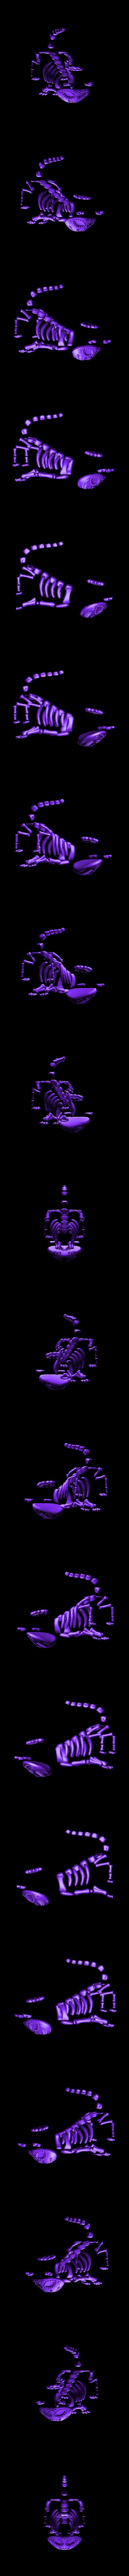 SugarCat_Opt1_Multi2.stl Download free STL file Sugar Cat • 3D printer design, mag-net